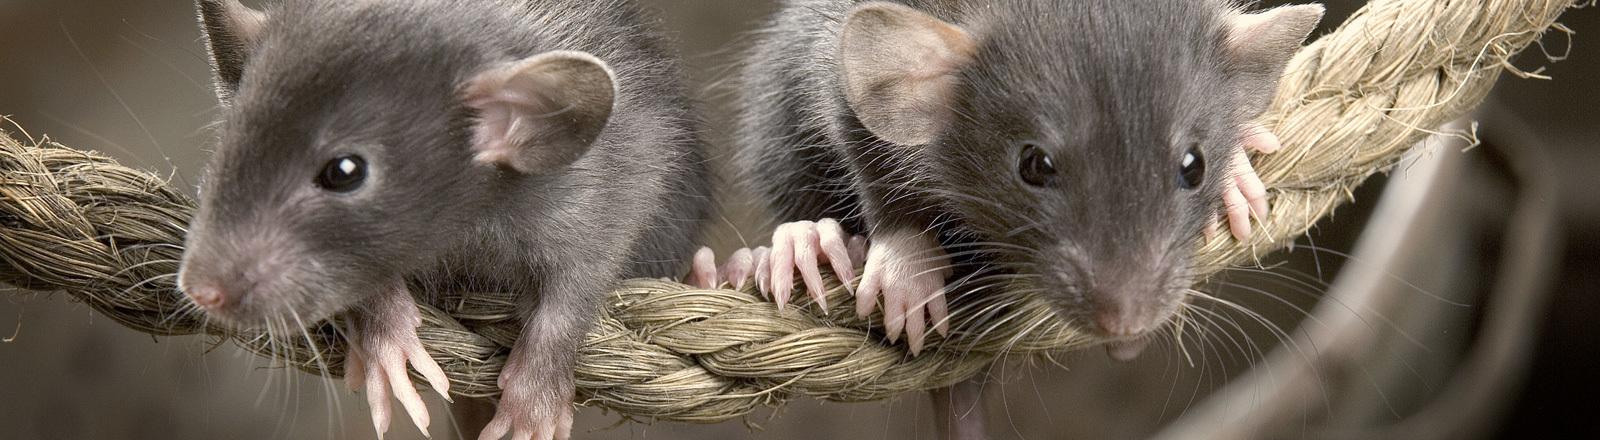 Zwei Mäuse auf einem Seil